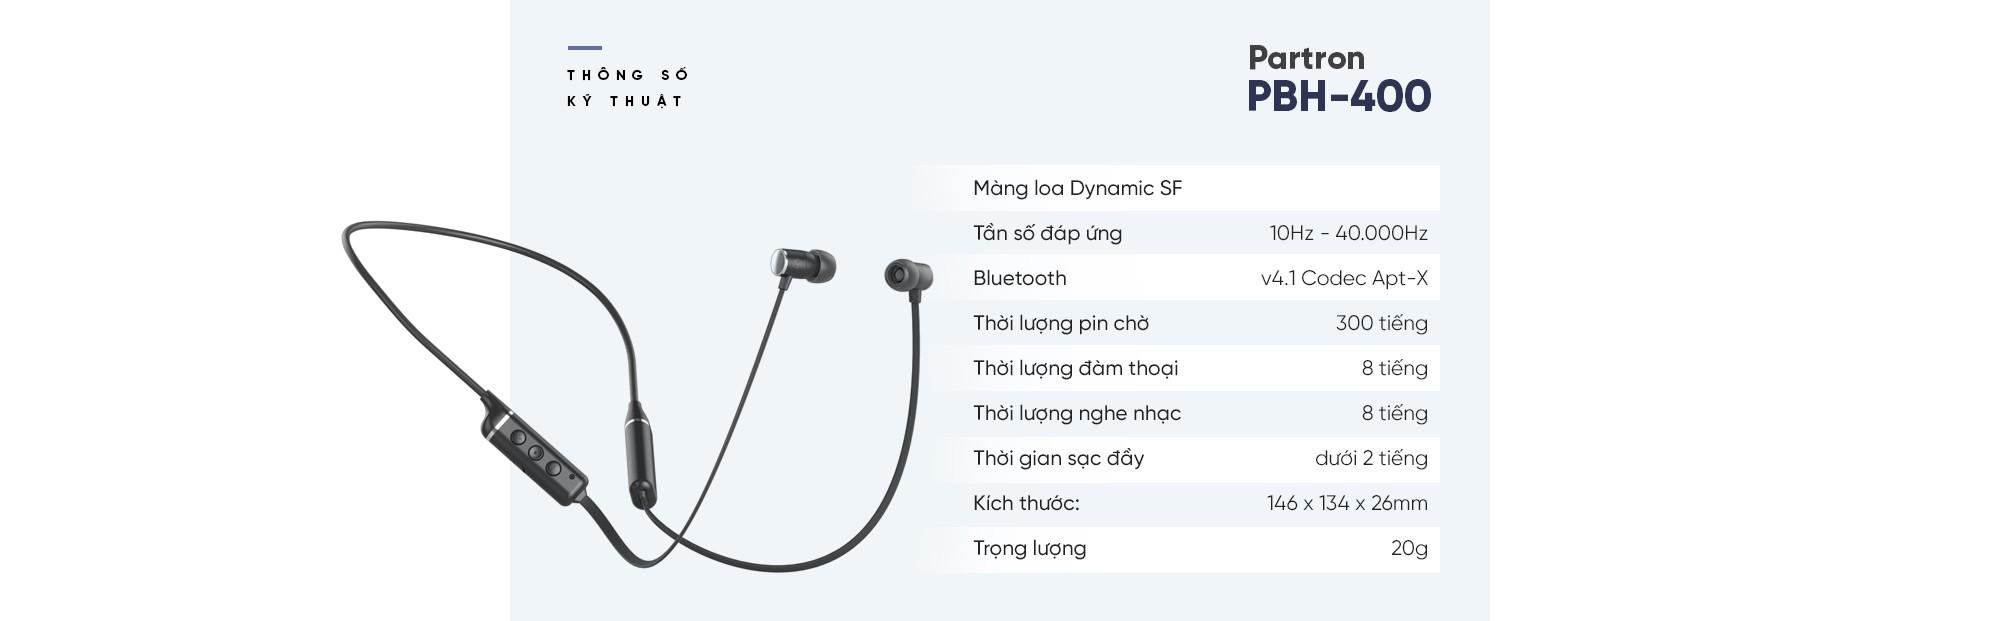 Đánh giá tai nghe không dây Partron PBH-400 - Tính chuẩn mực cao tạo nên một sản phẩm đáng mua - Ảnh 13.